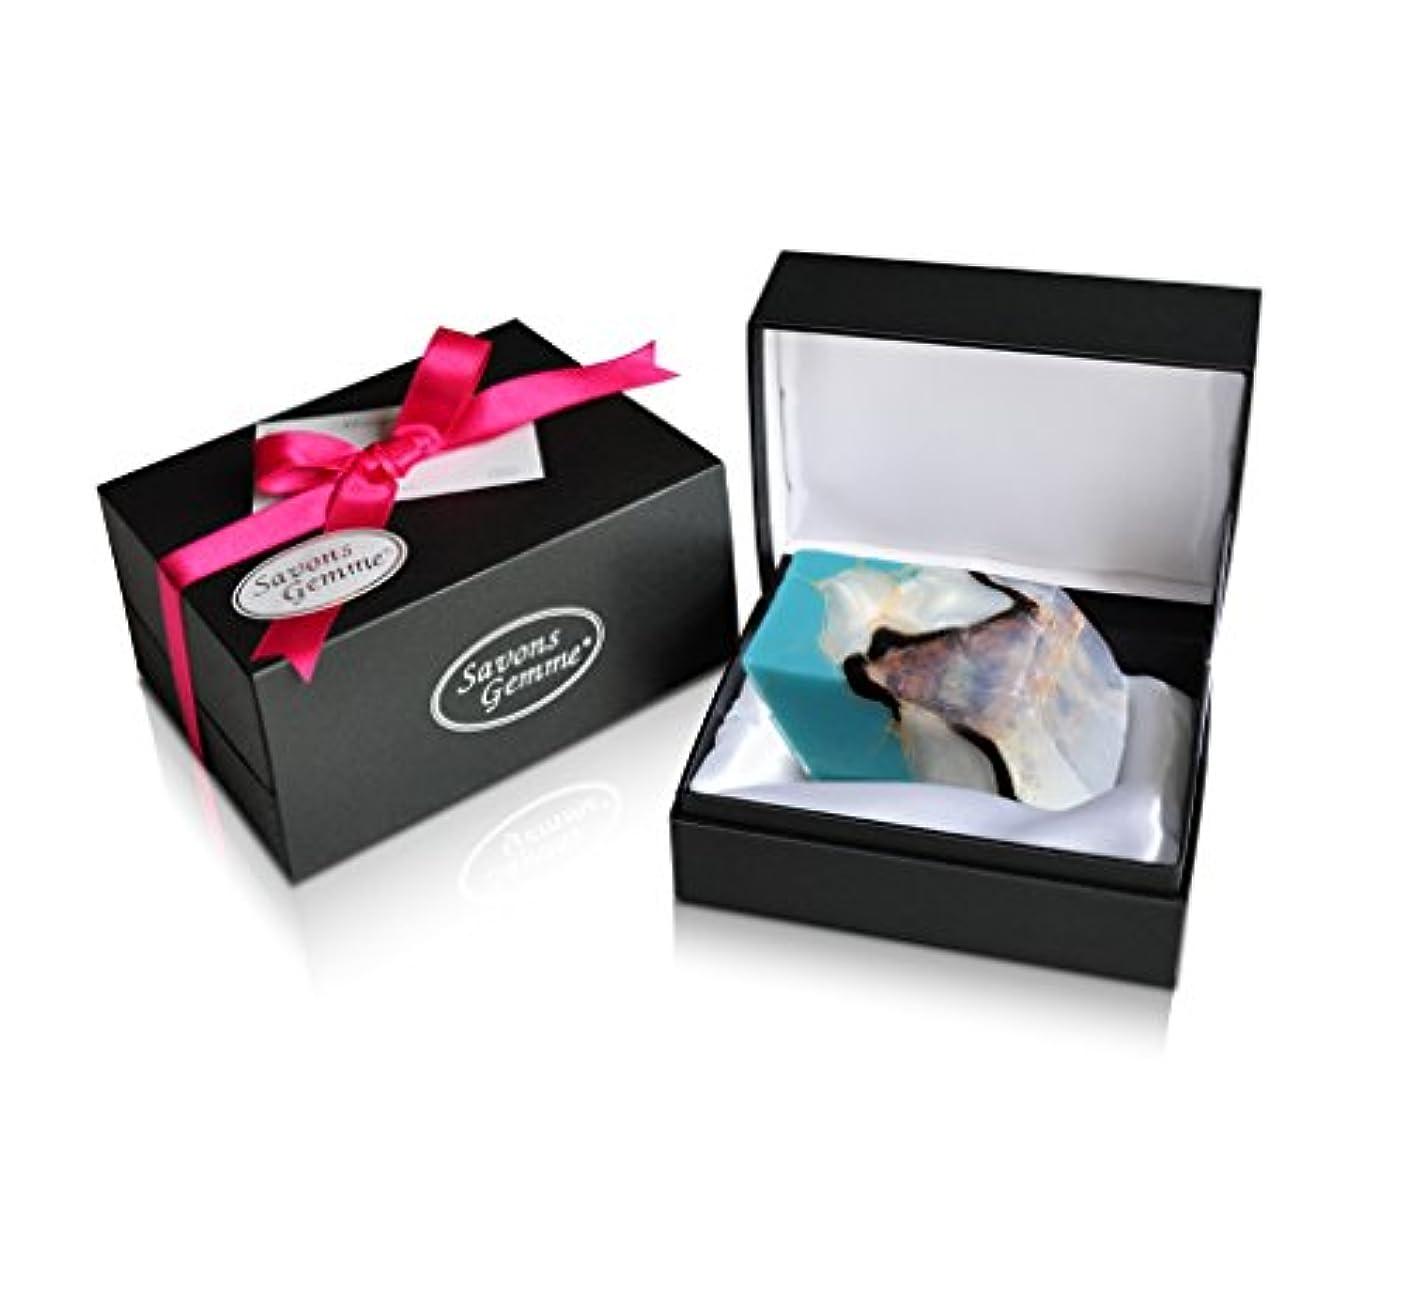 取り壊す溶ける前方へSavons Gemme サボンジェム ジュエリーギフトボックス 世界で一番美しい宝石石鹸 フレグランス ソープ ターコイズ 170g